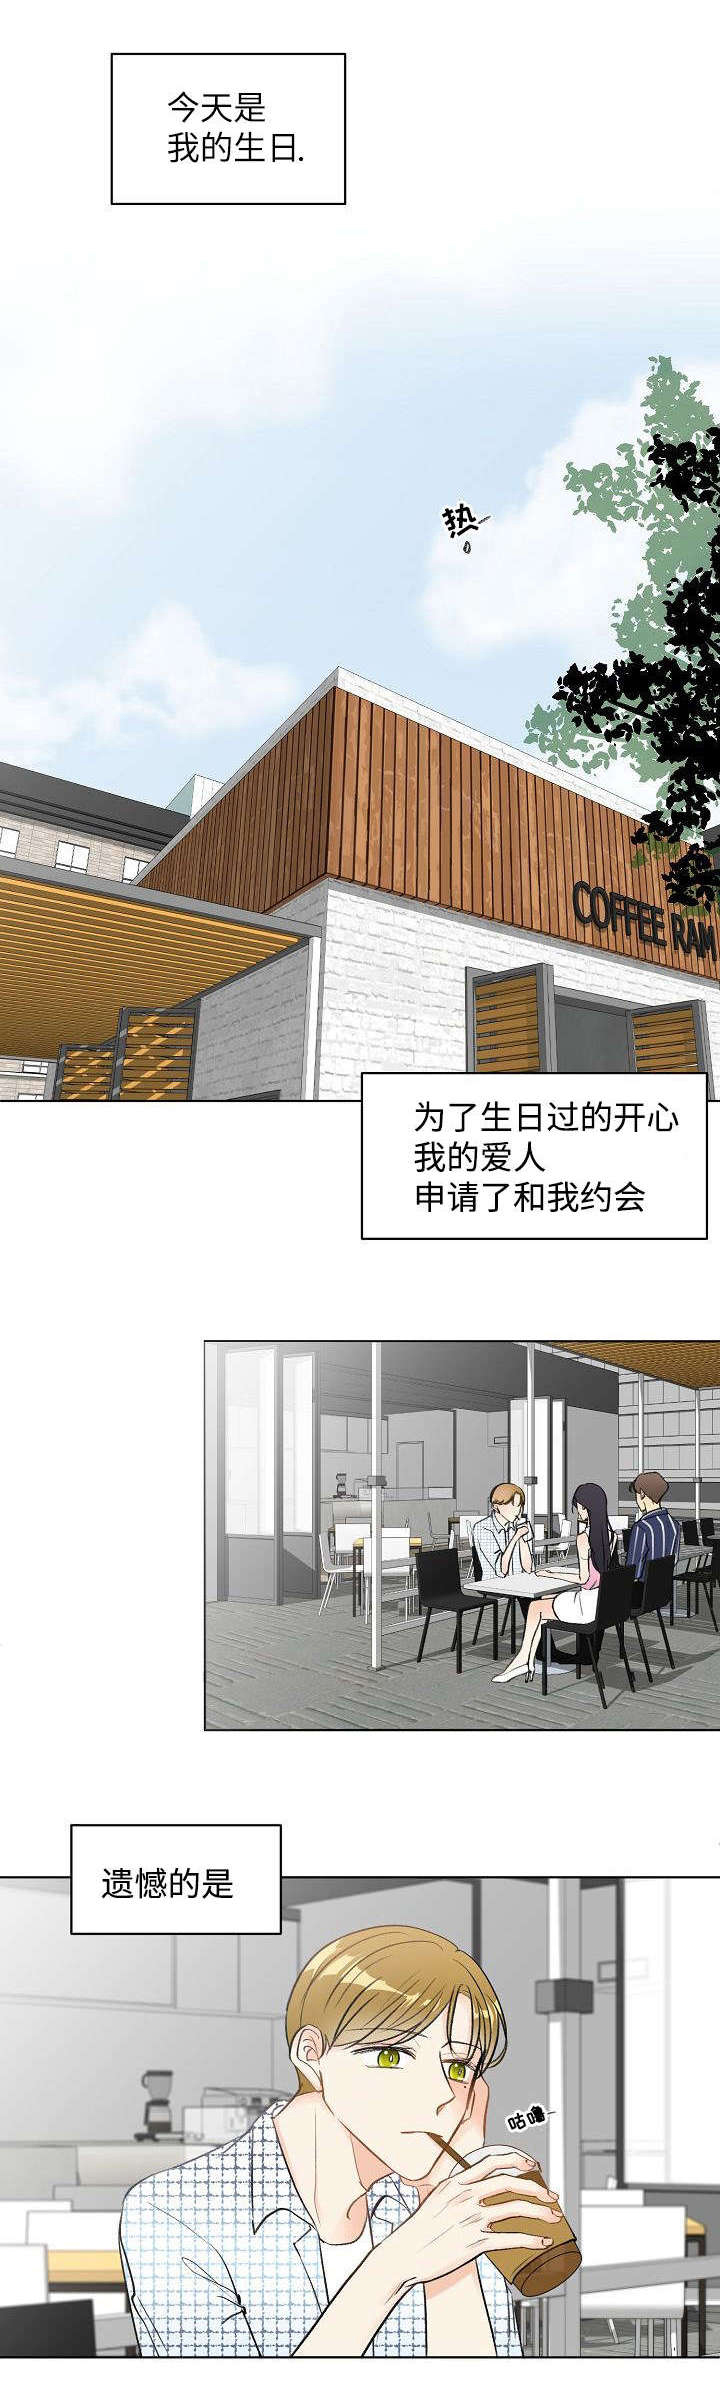 《契约情敌》— 韩国漫画 — 全文免费在线阅读